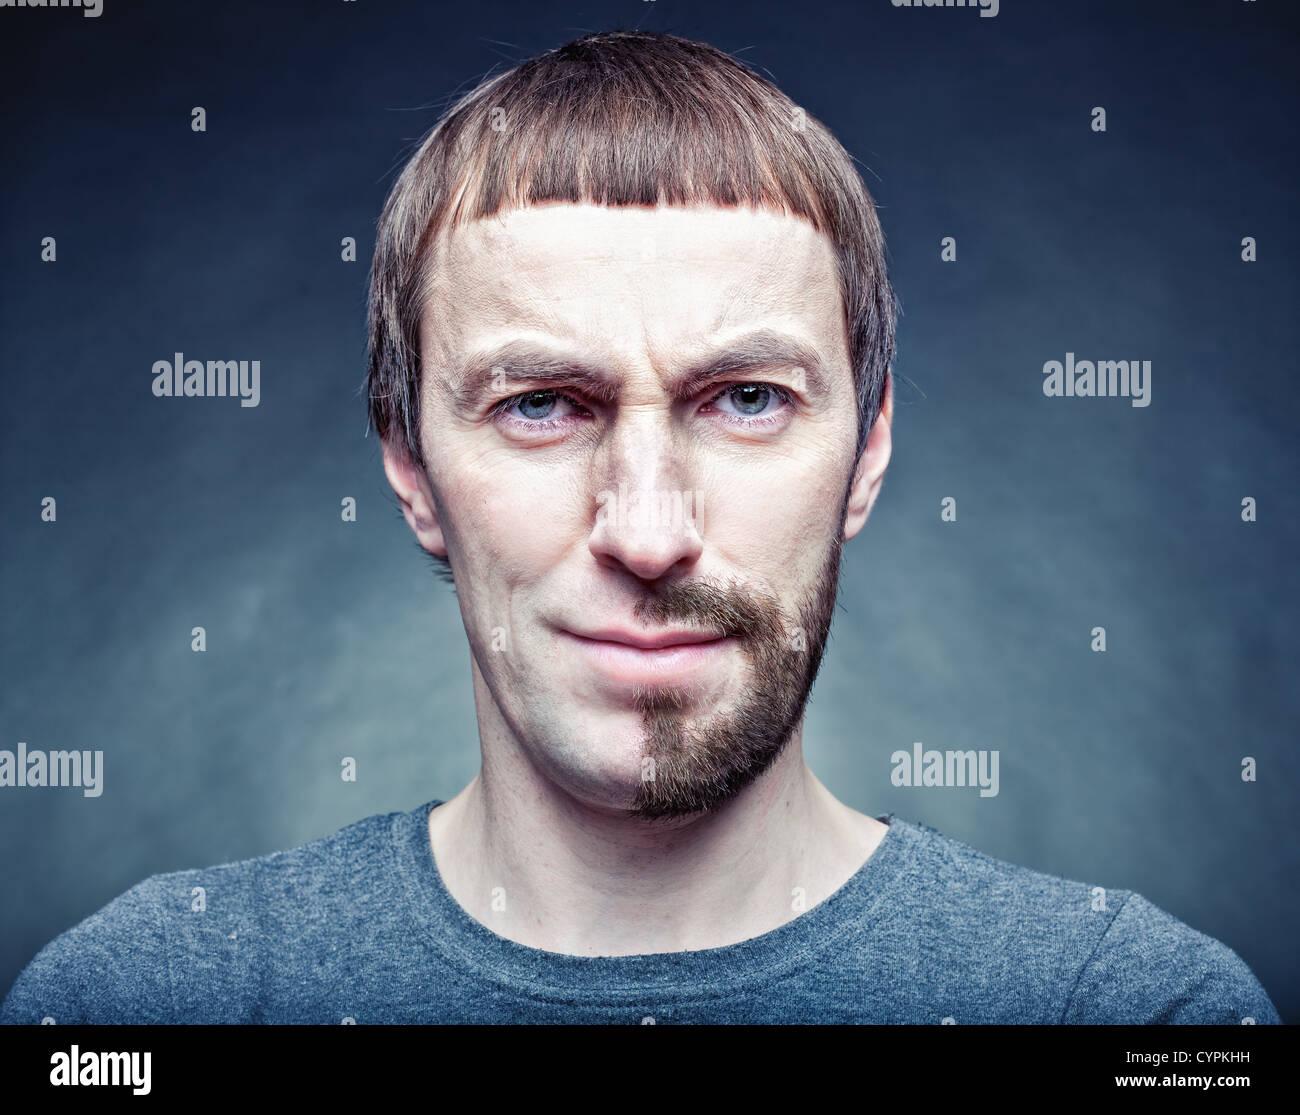 La mitad de la etapa el rostro afeitado concepto fotográfico. Foto de stock